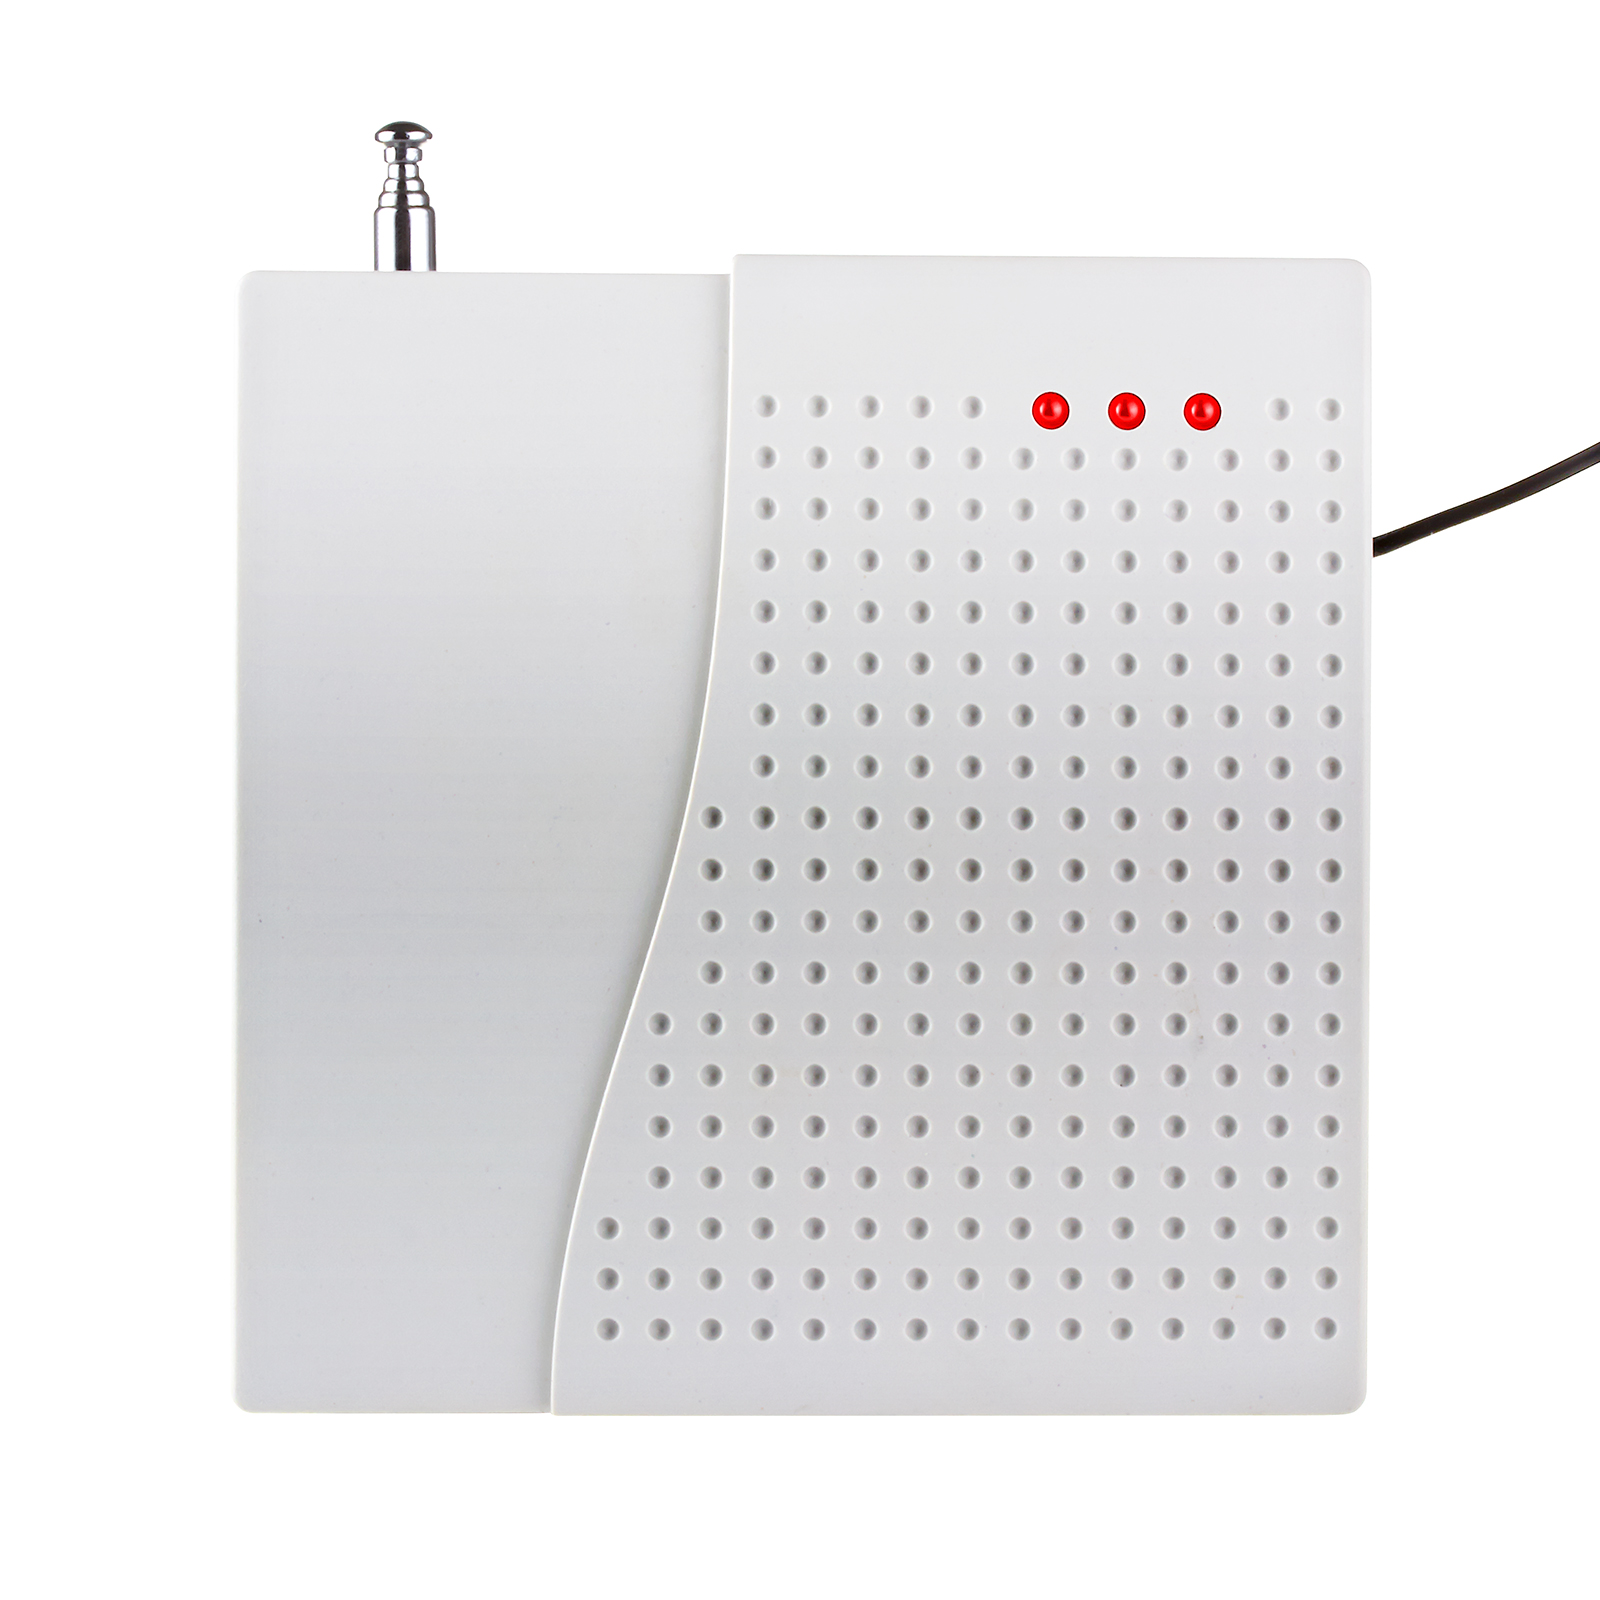 bilder für TD Drahtlose Signal-Repeater Sender Verbessern Sensros Signal 433 MHz Extender Für PSTN gsm Home Security Alarmanlage